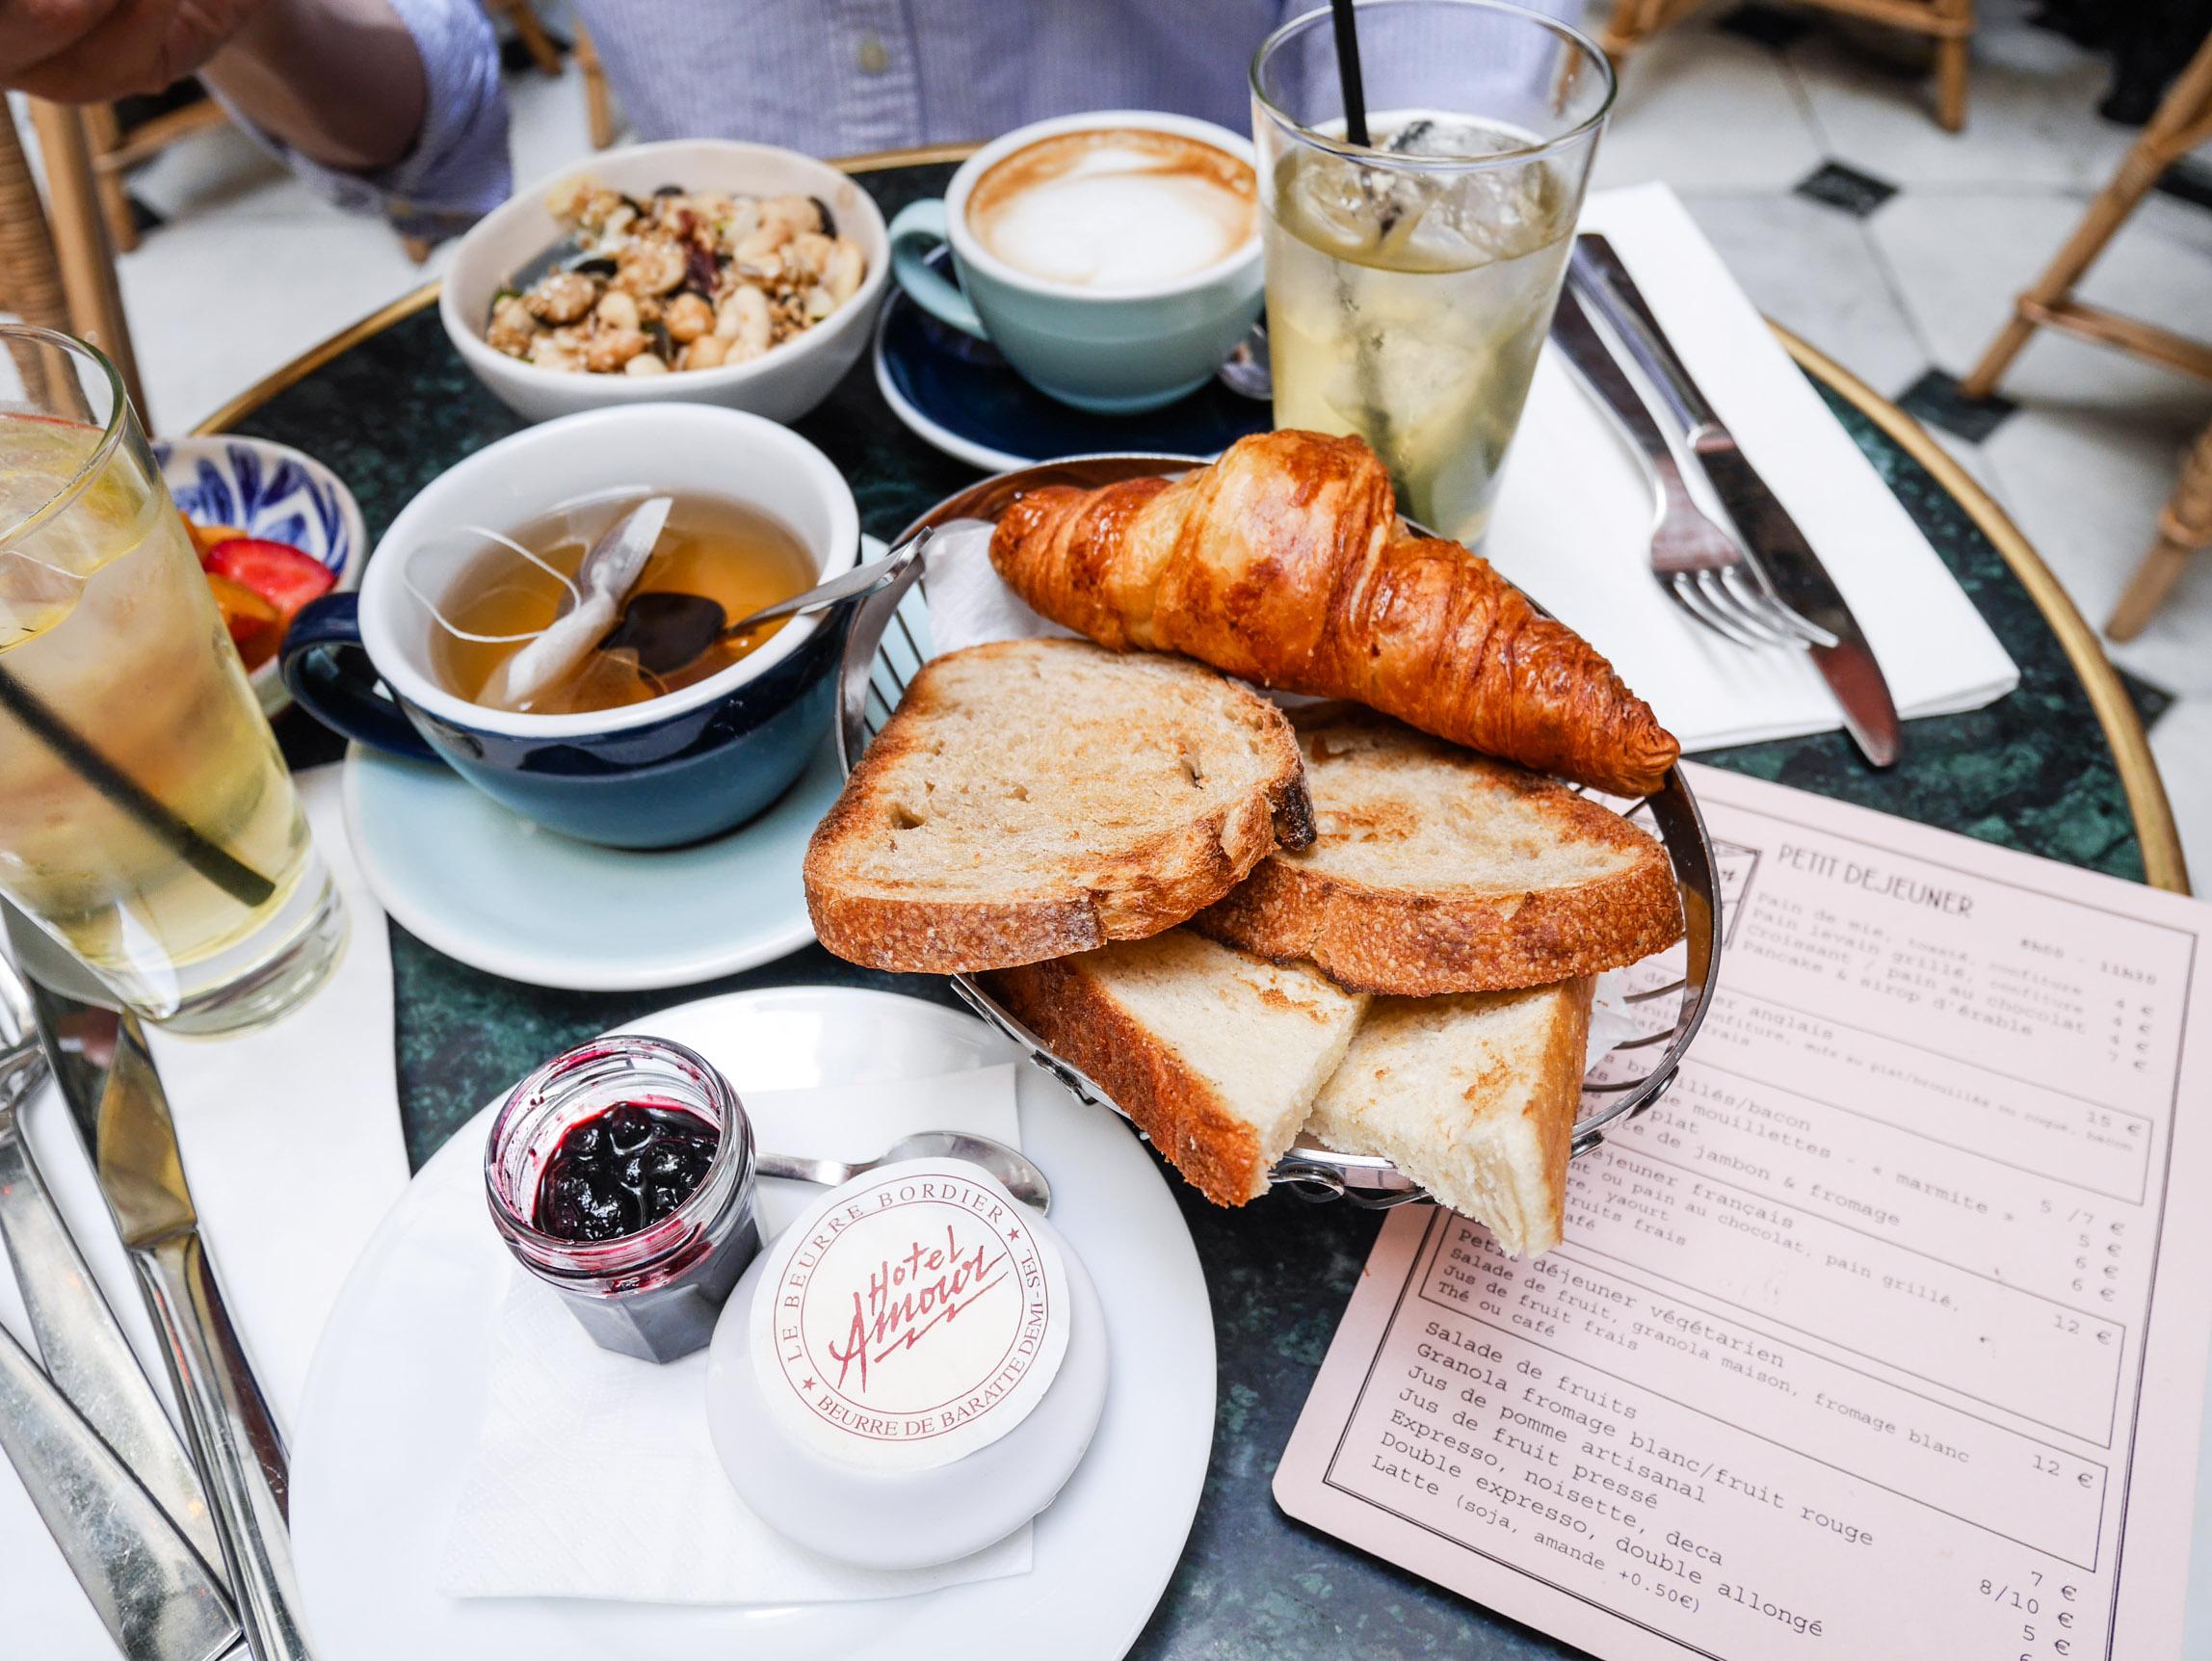 hotel_grand_amour_paris_rue_fidelite_10eme_breakfast_brunch (15 av 17)